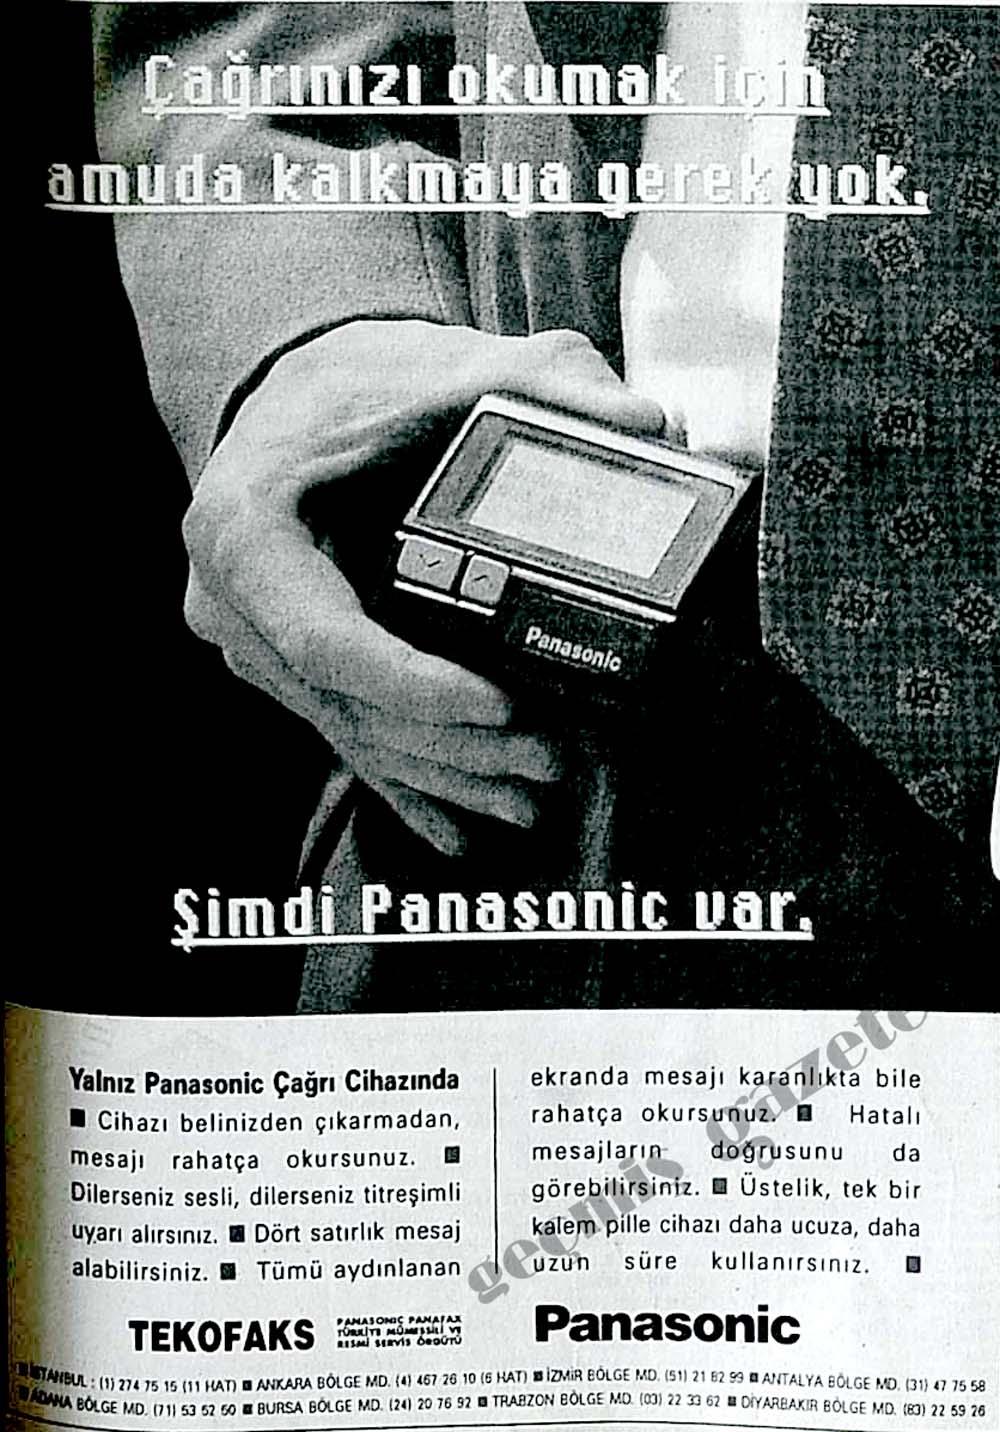 Çağrınızı okumak için amuda kalmaya gerek yok şimdi Panasonic var